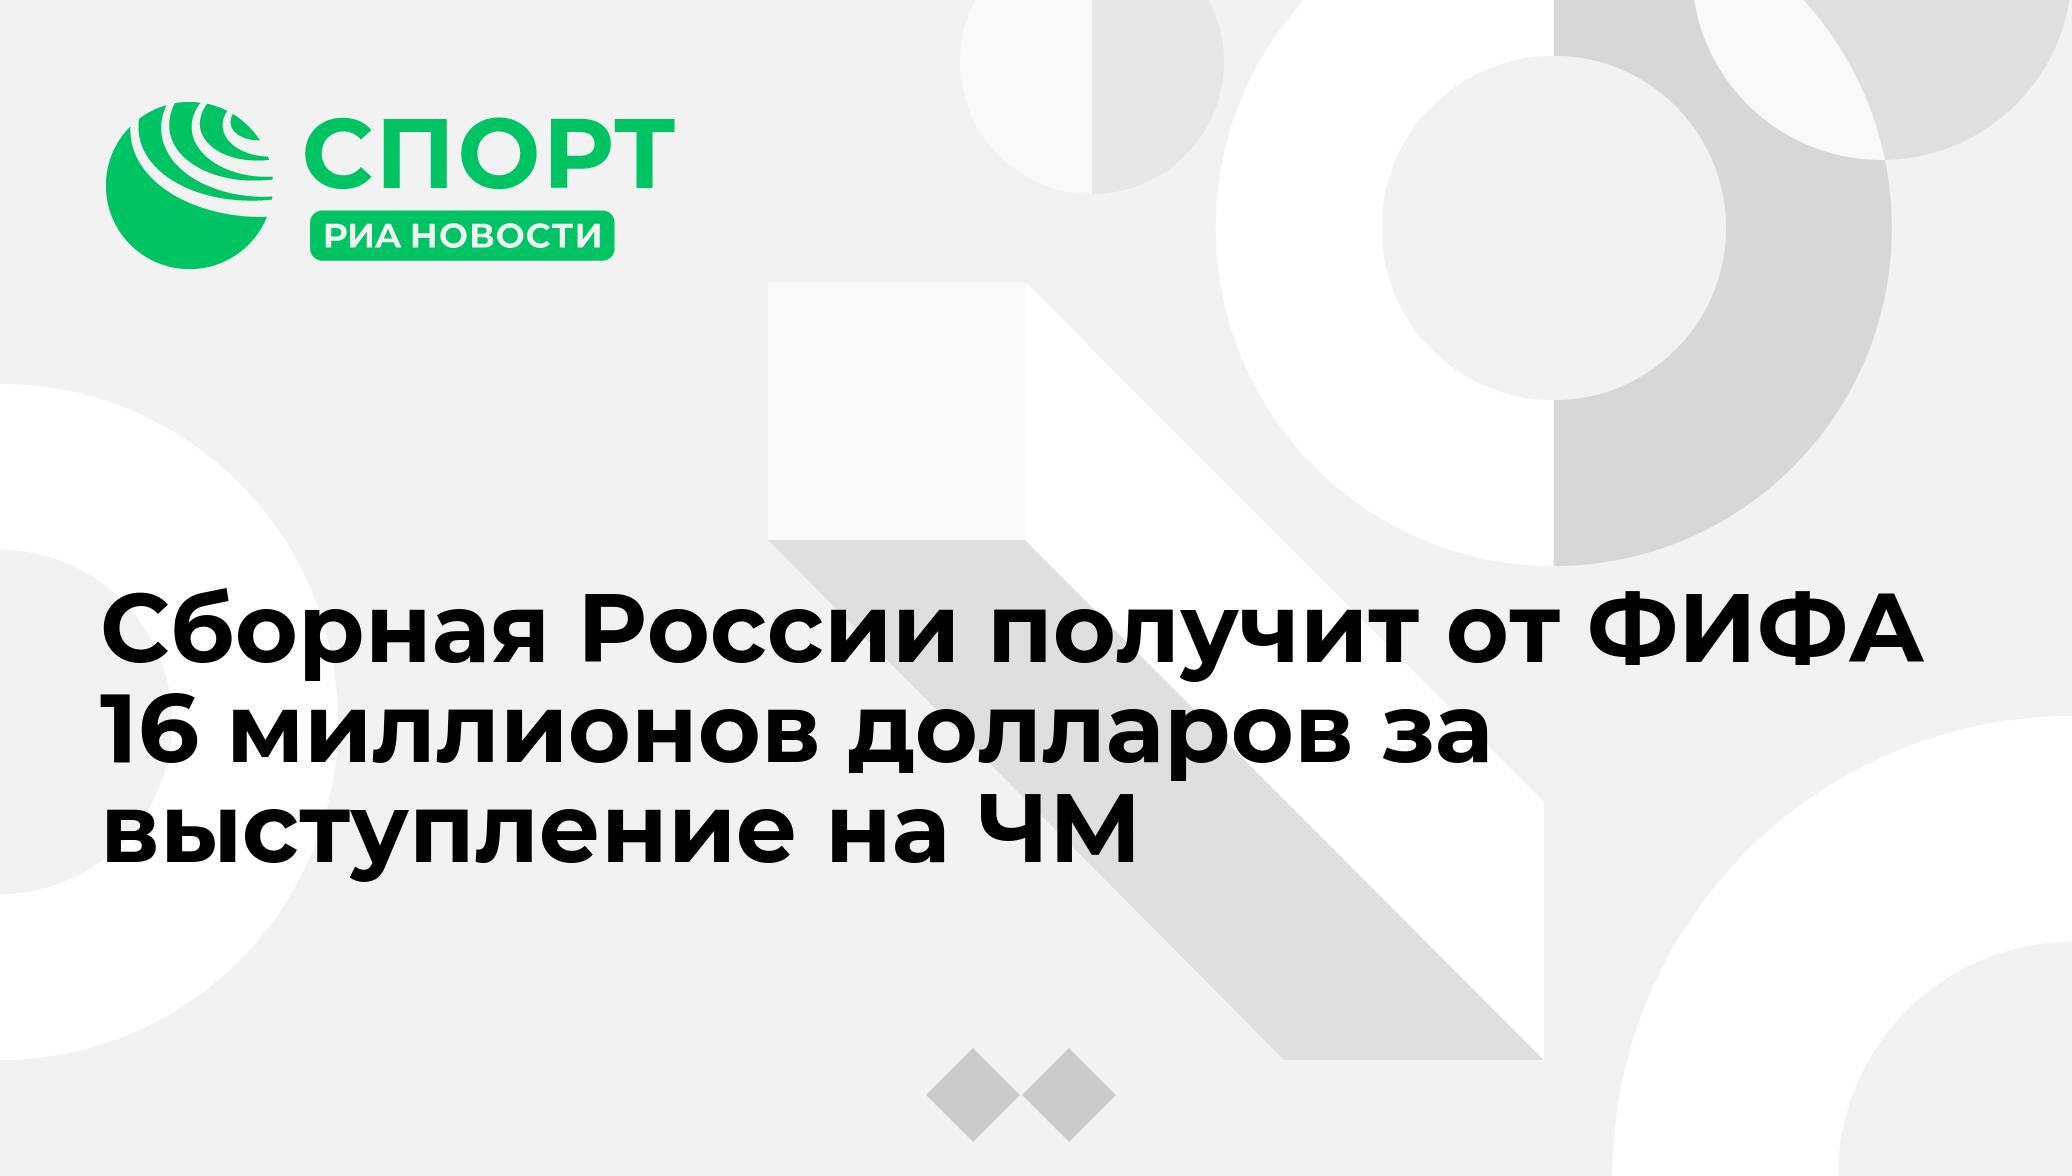 Сборная России получит от ФИФА 16 миллионов долларов за выступление на ЧМ